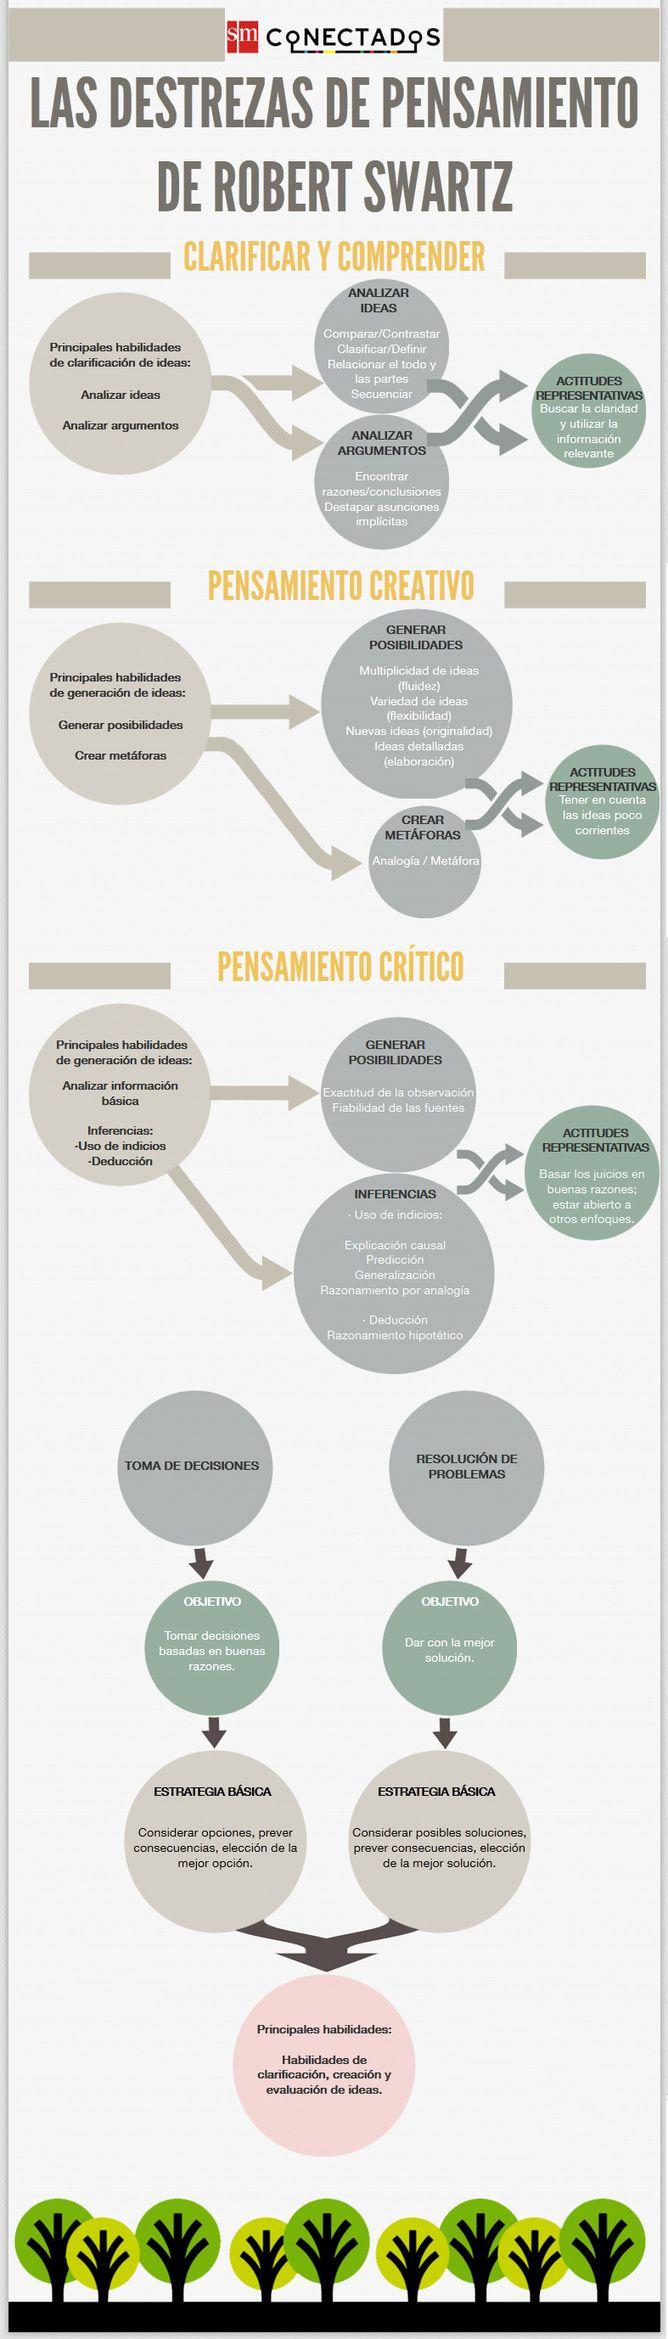 Infografía sobre las destrezas de pensamiento de Robert Swartz